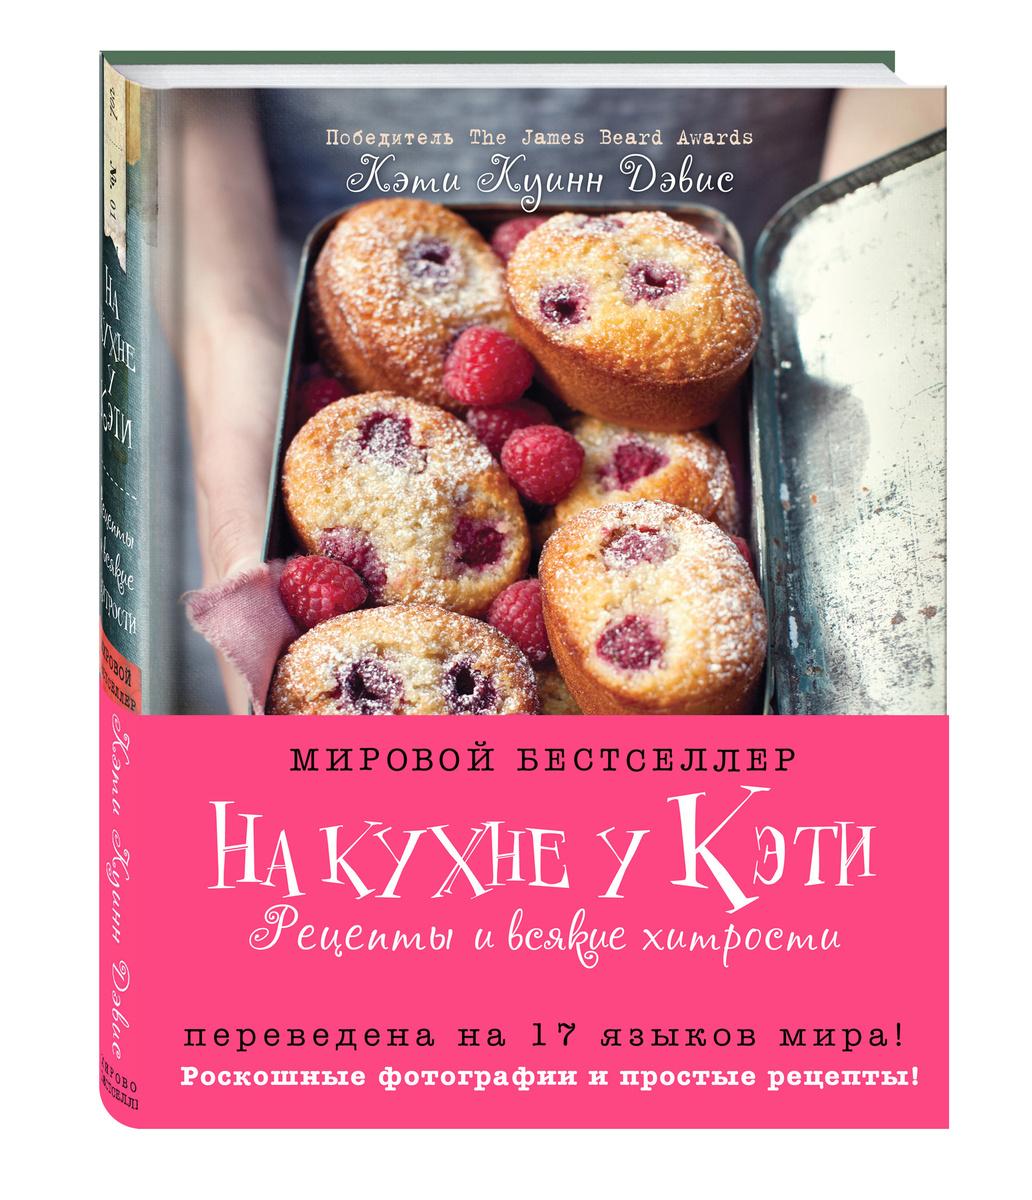 На кухне у Кэти. Рецепты и всякие хитрости | Куинн Дэвис Кэти  #1